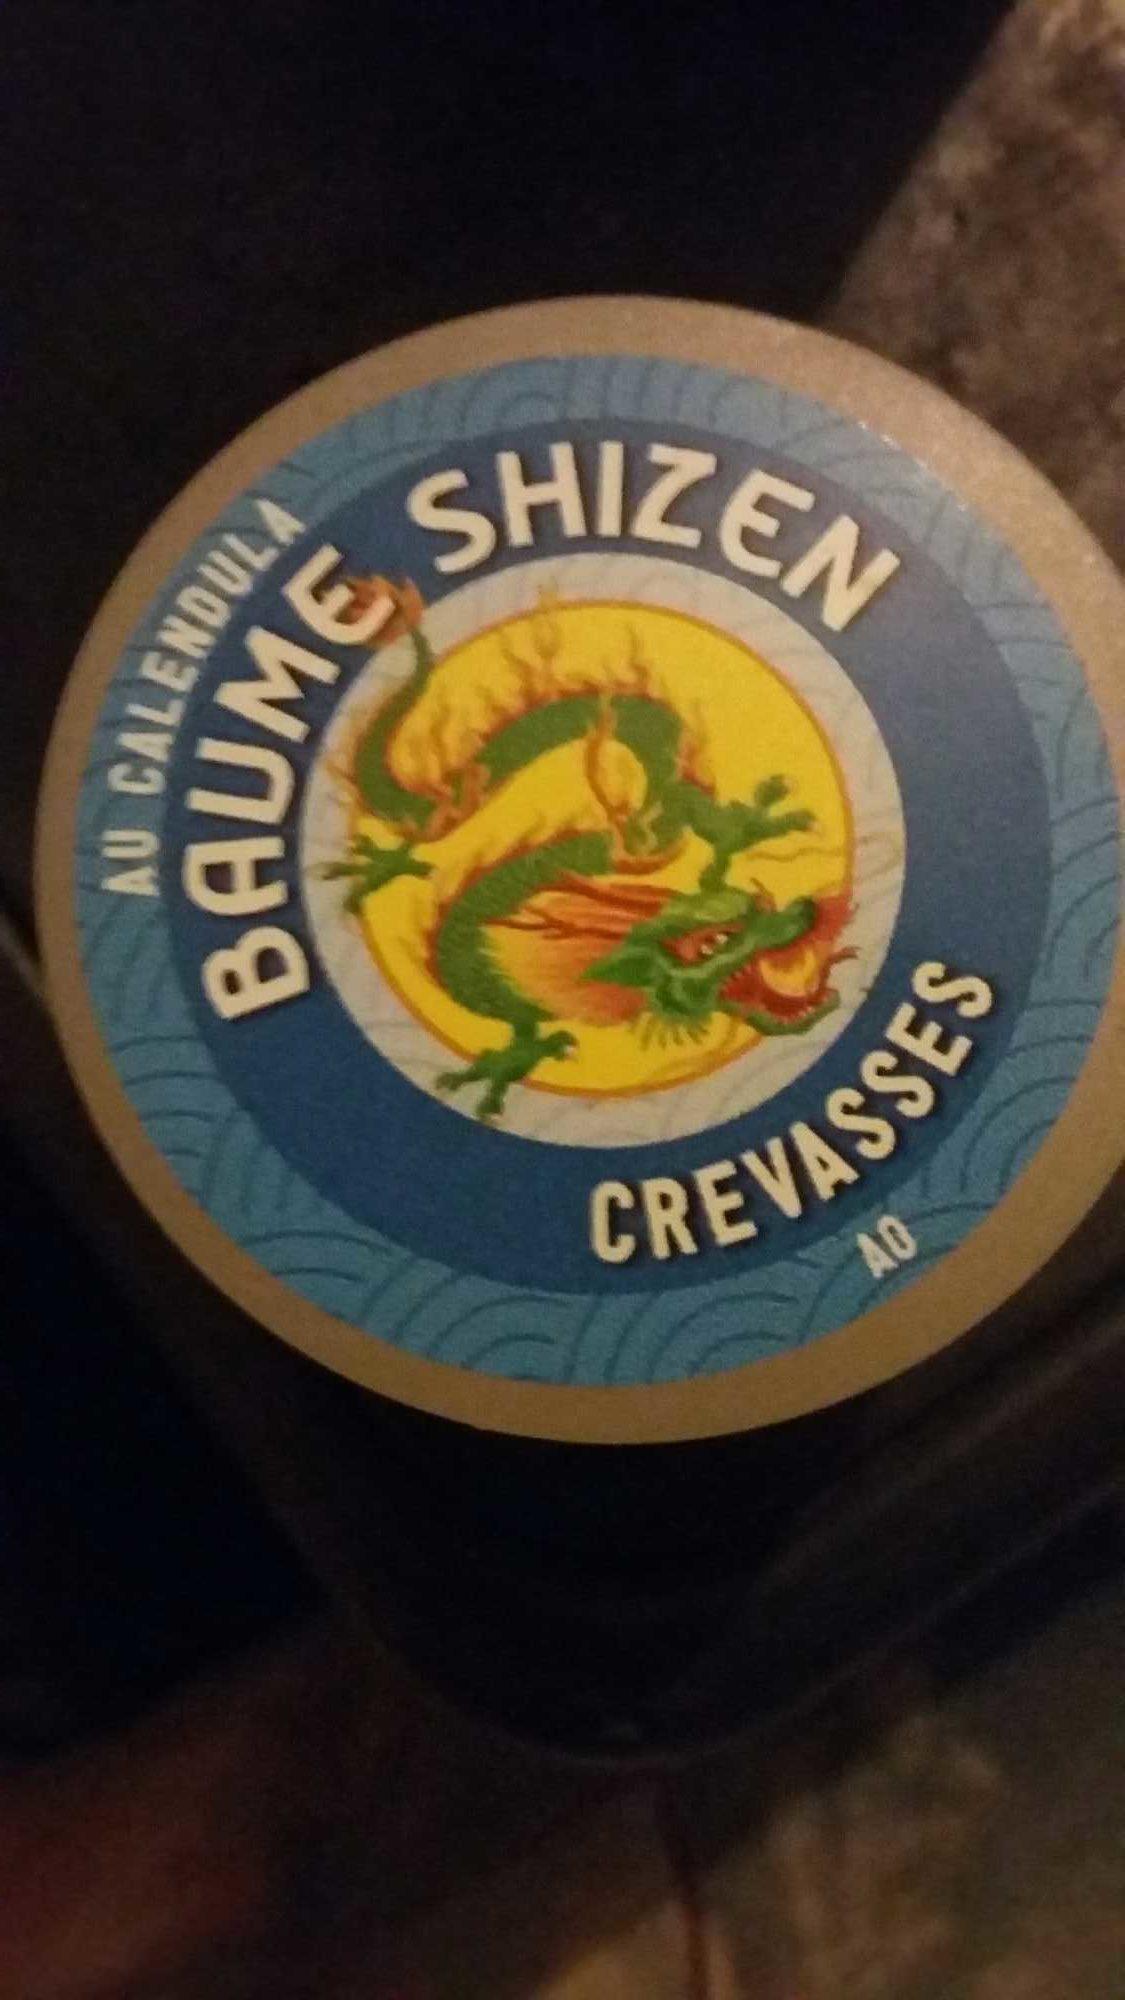 Baume shizen - Produit - fr